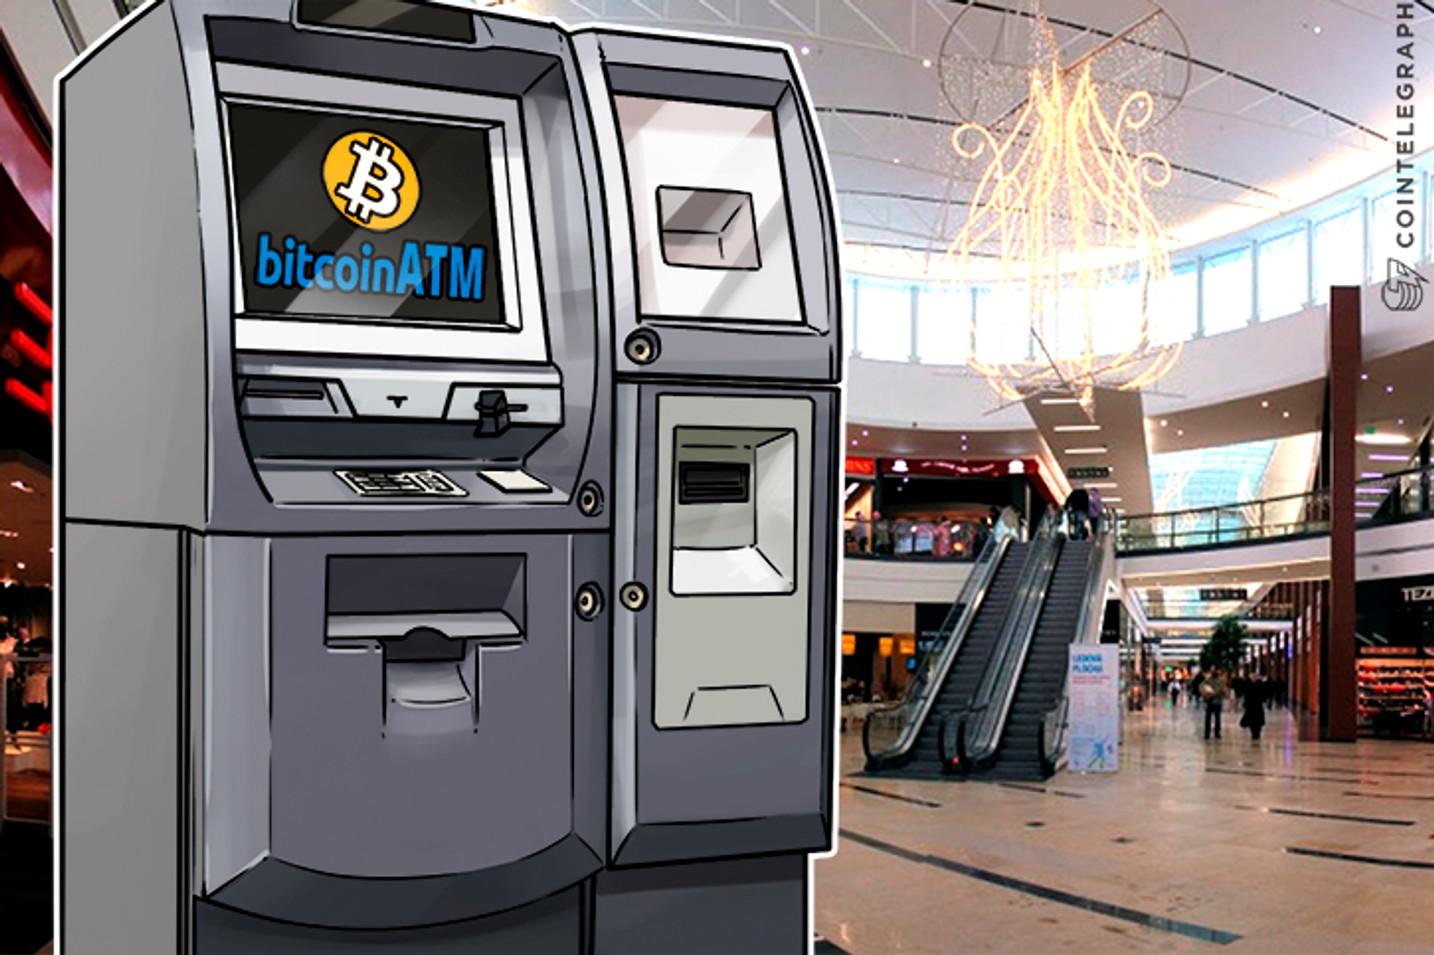 Gran fabricante de cajeros automáticos integra a Bitcoin, exposición a millones de usuarios